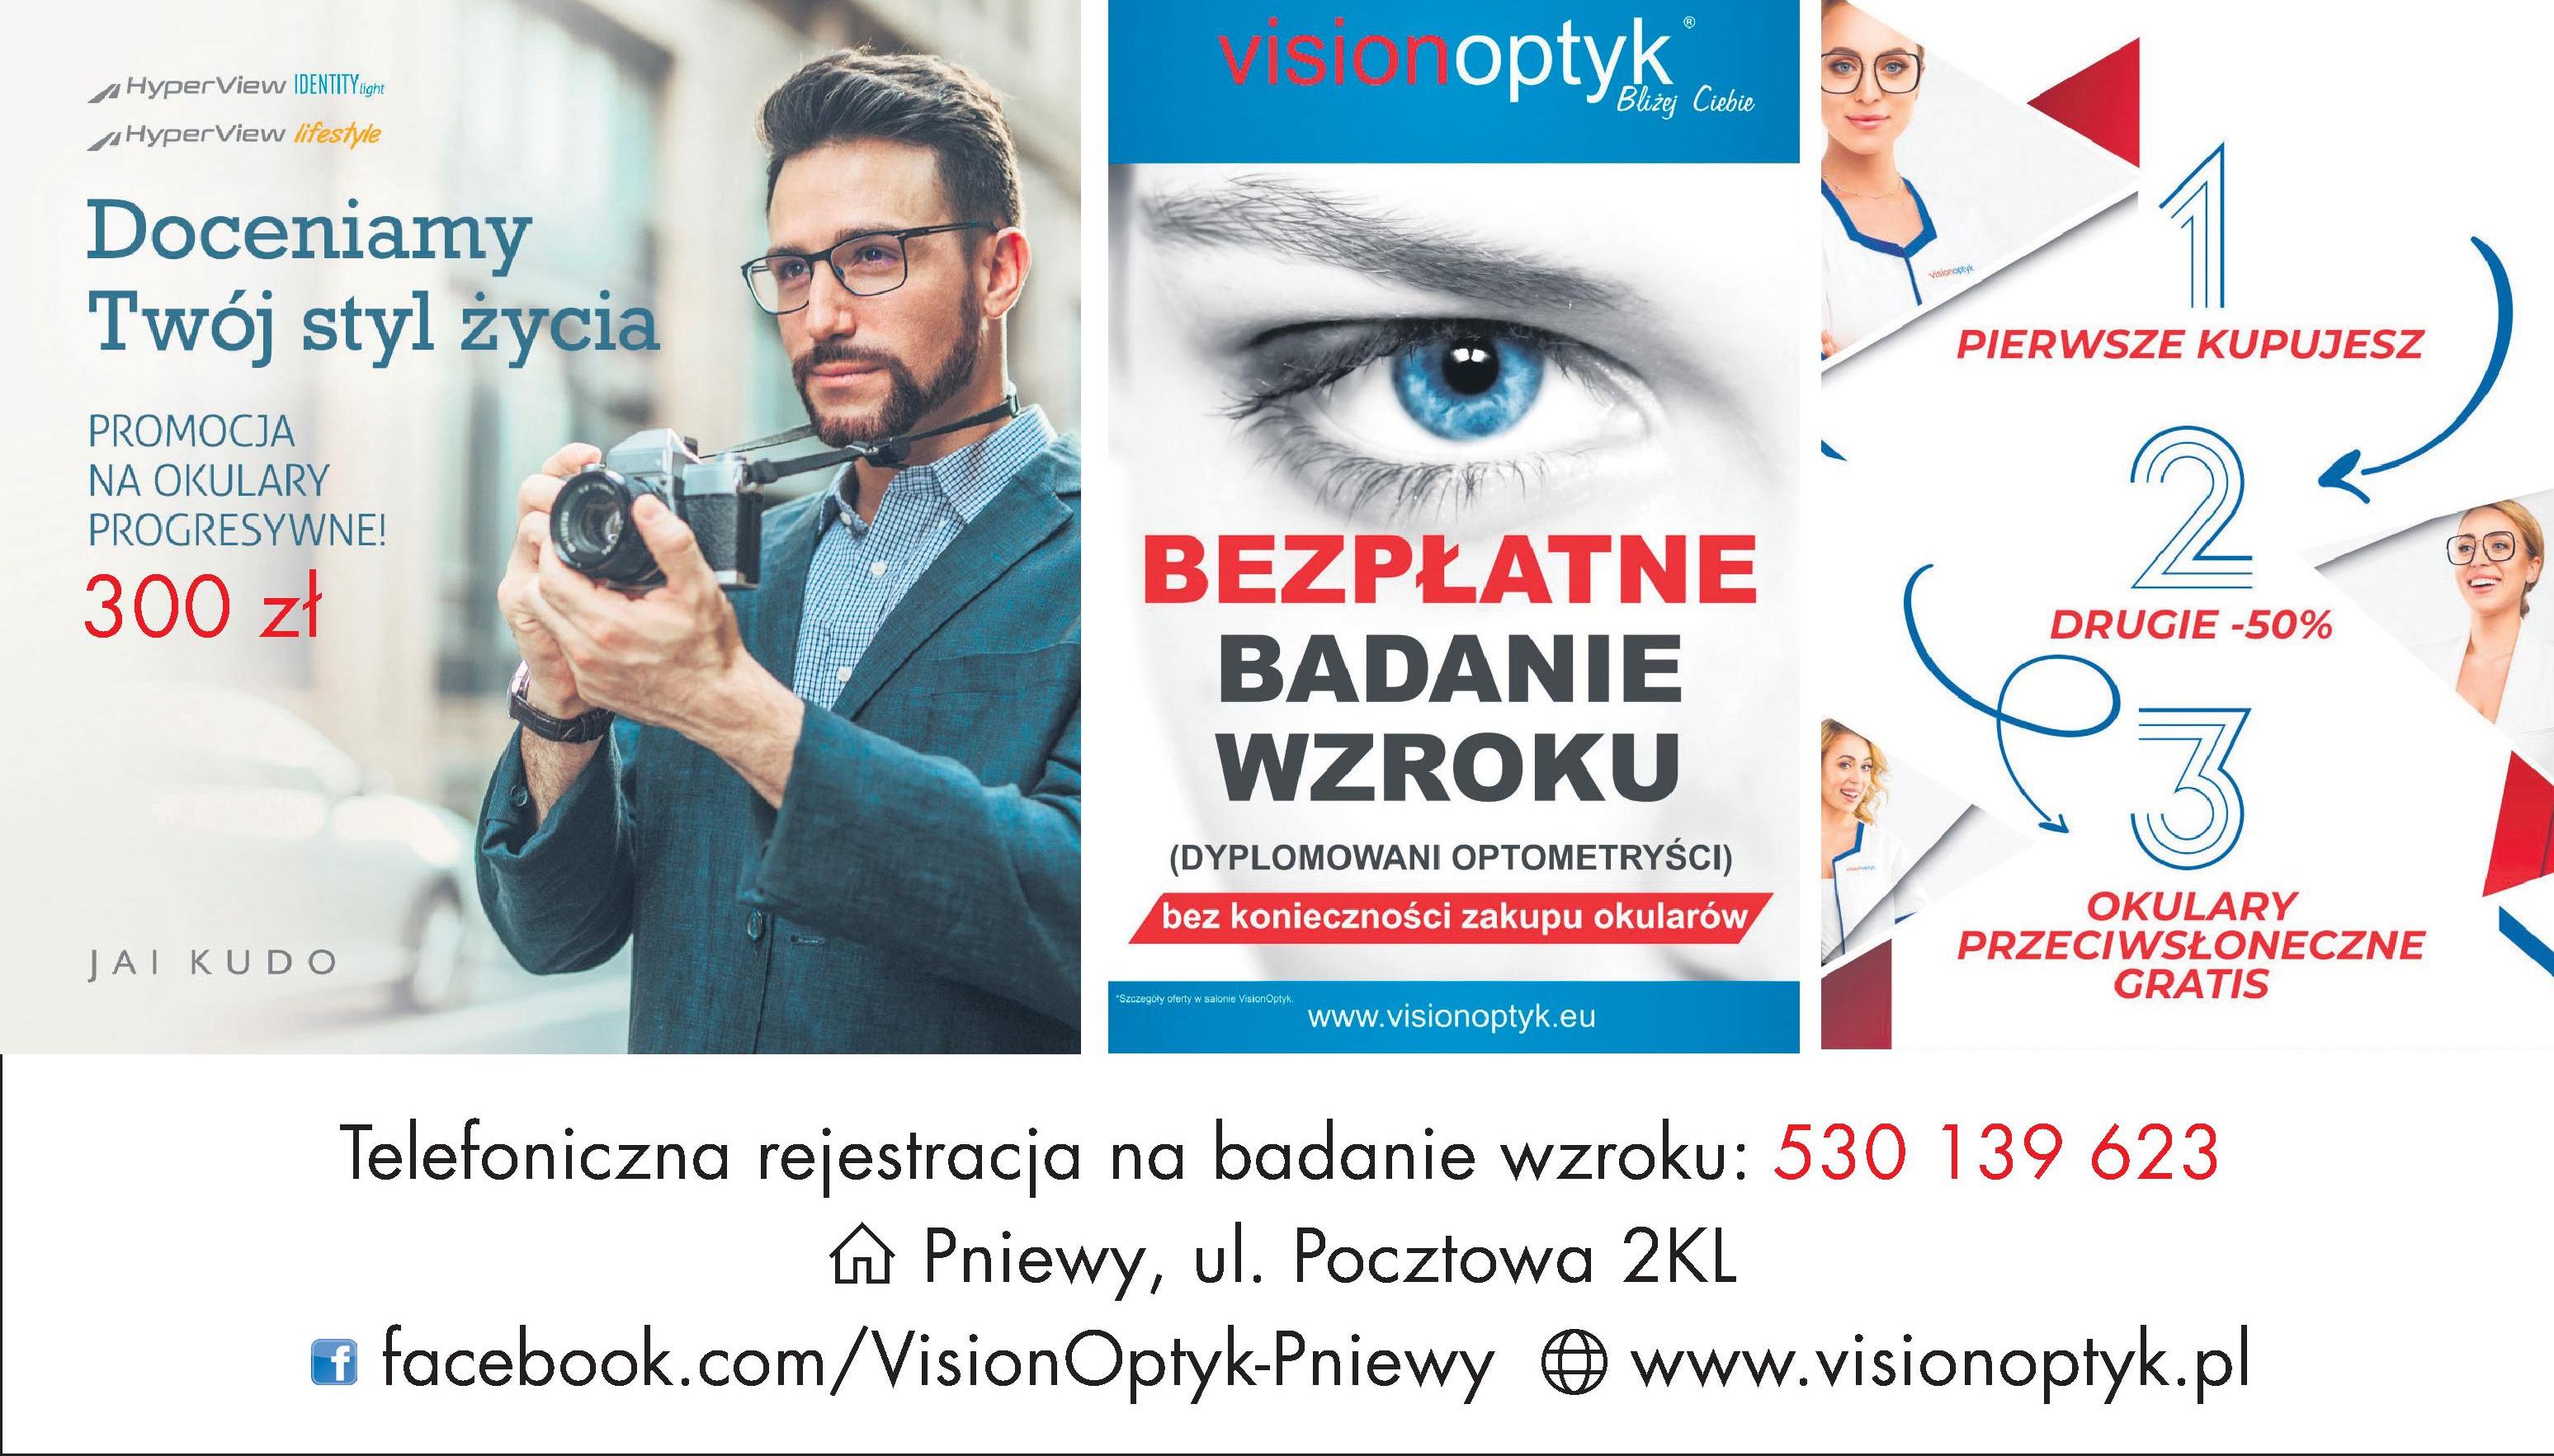 Vision Optyk Pniewy zaprasza